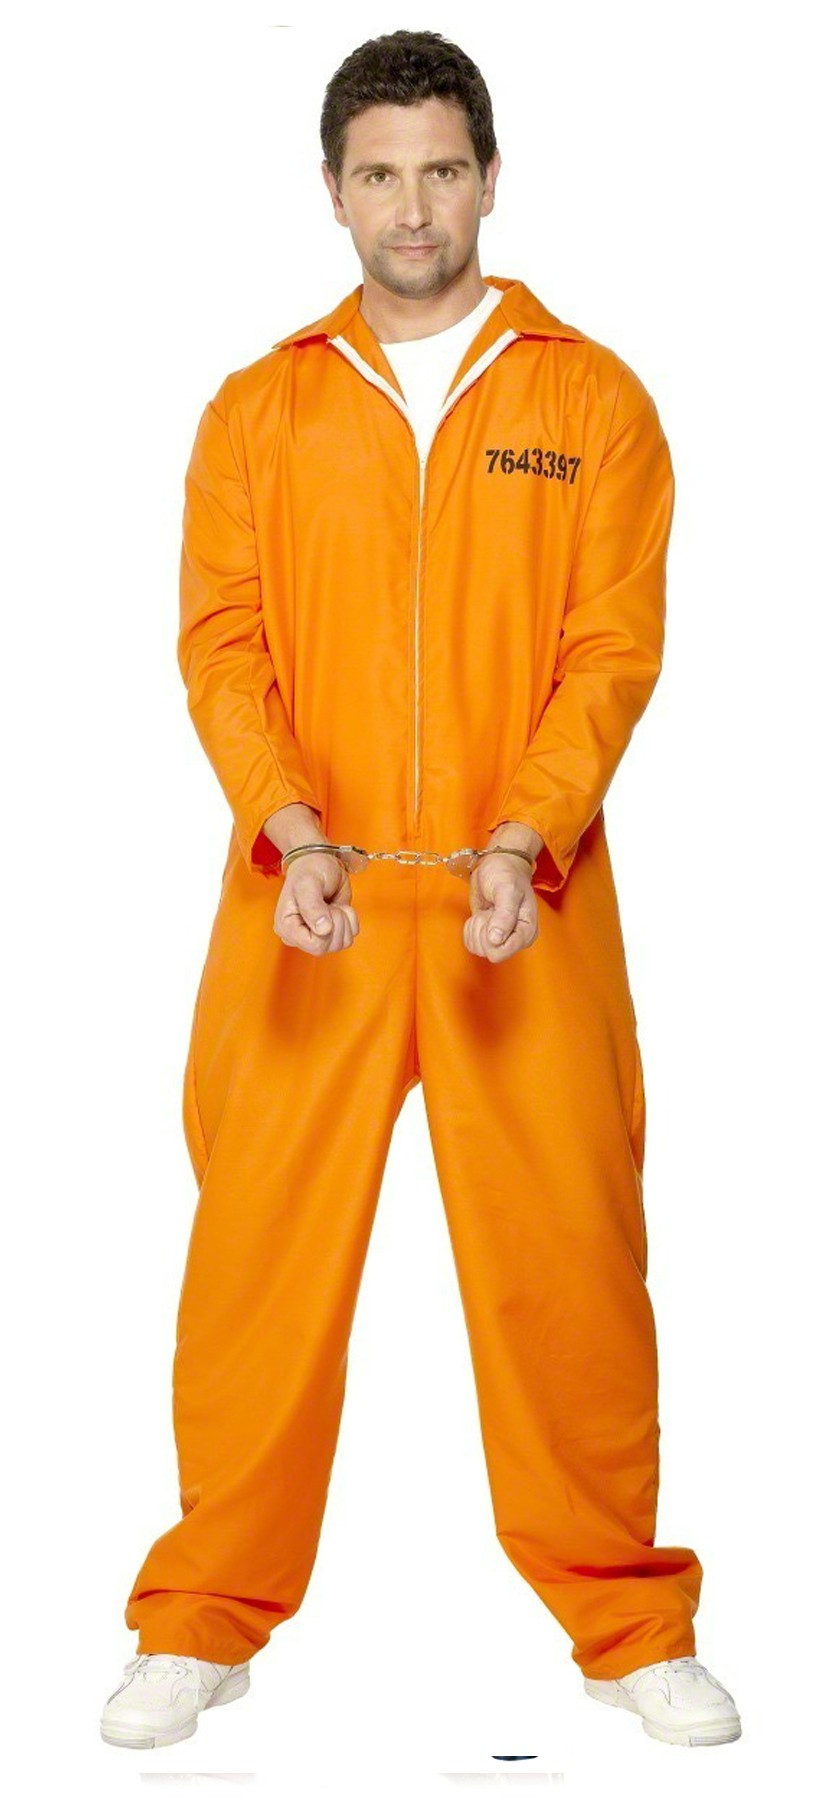 Costume da detenuto prigioniero condannato tuta arancione da bambino